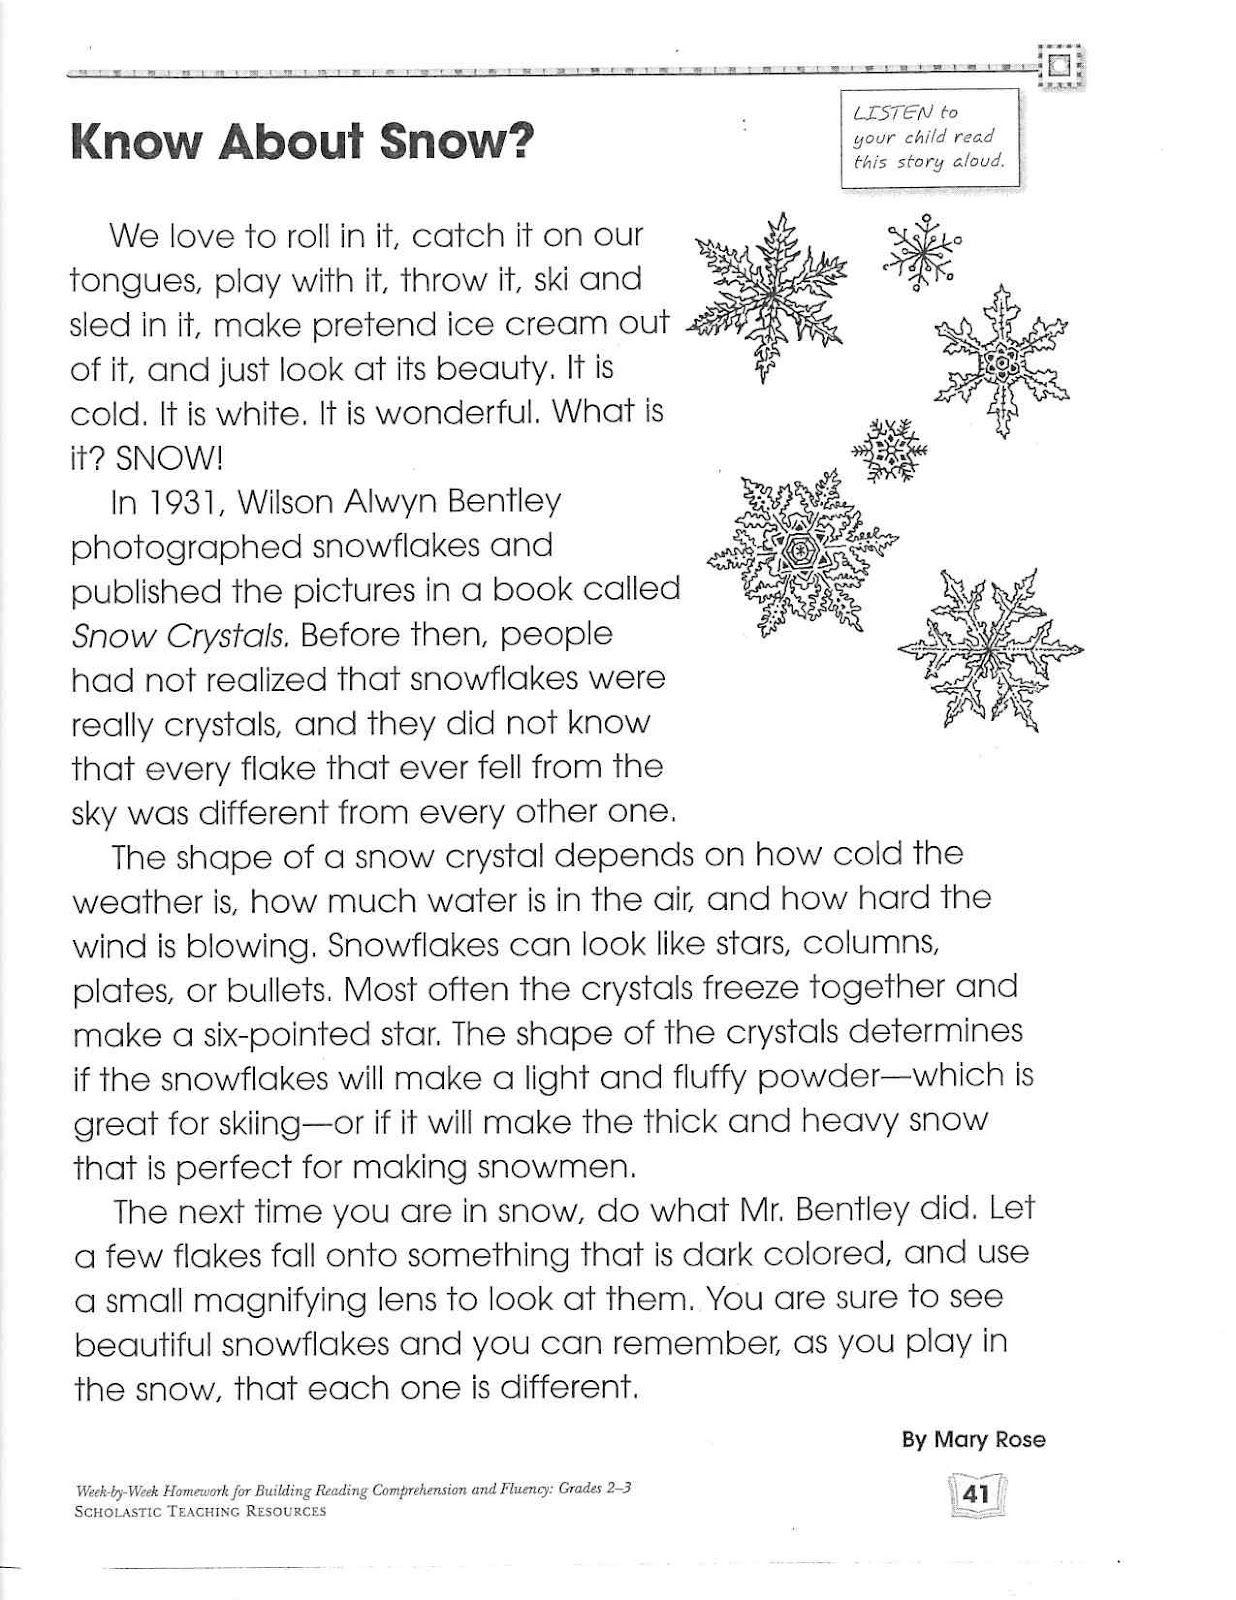 Second Grade Science Close Read